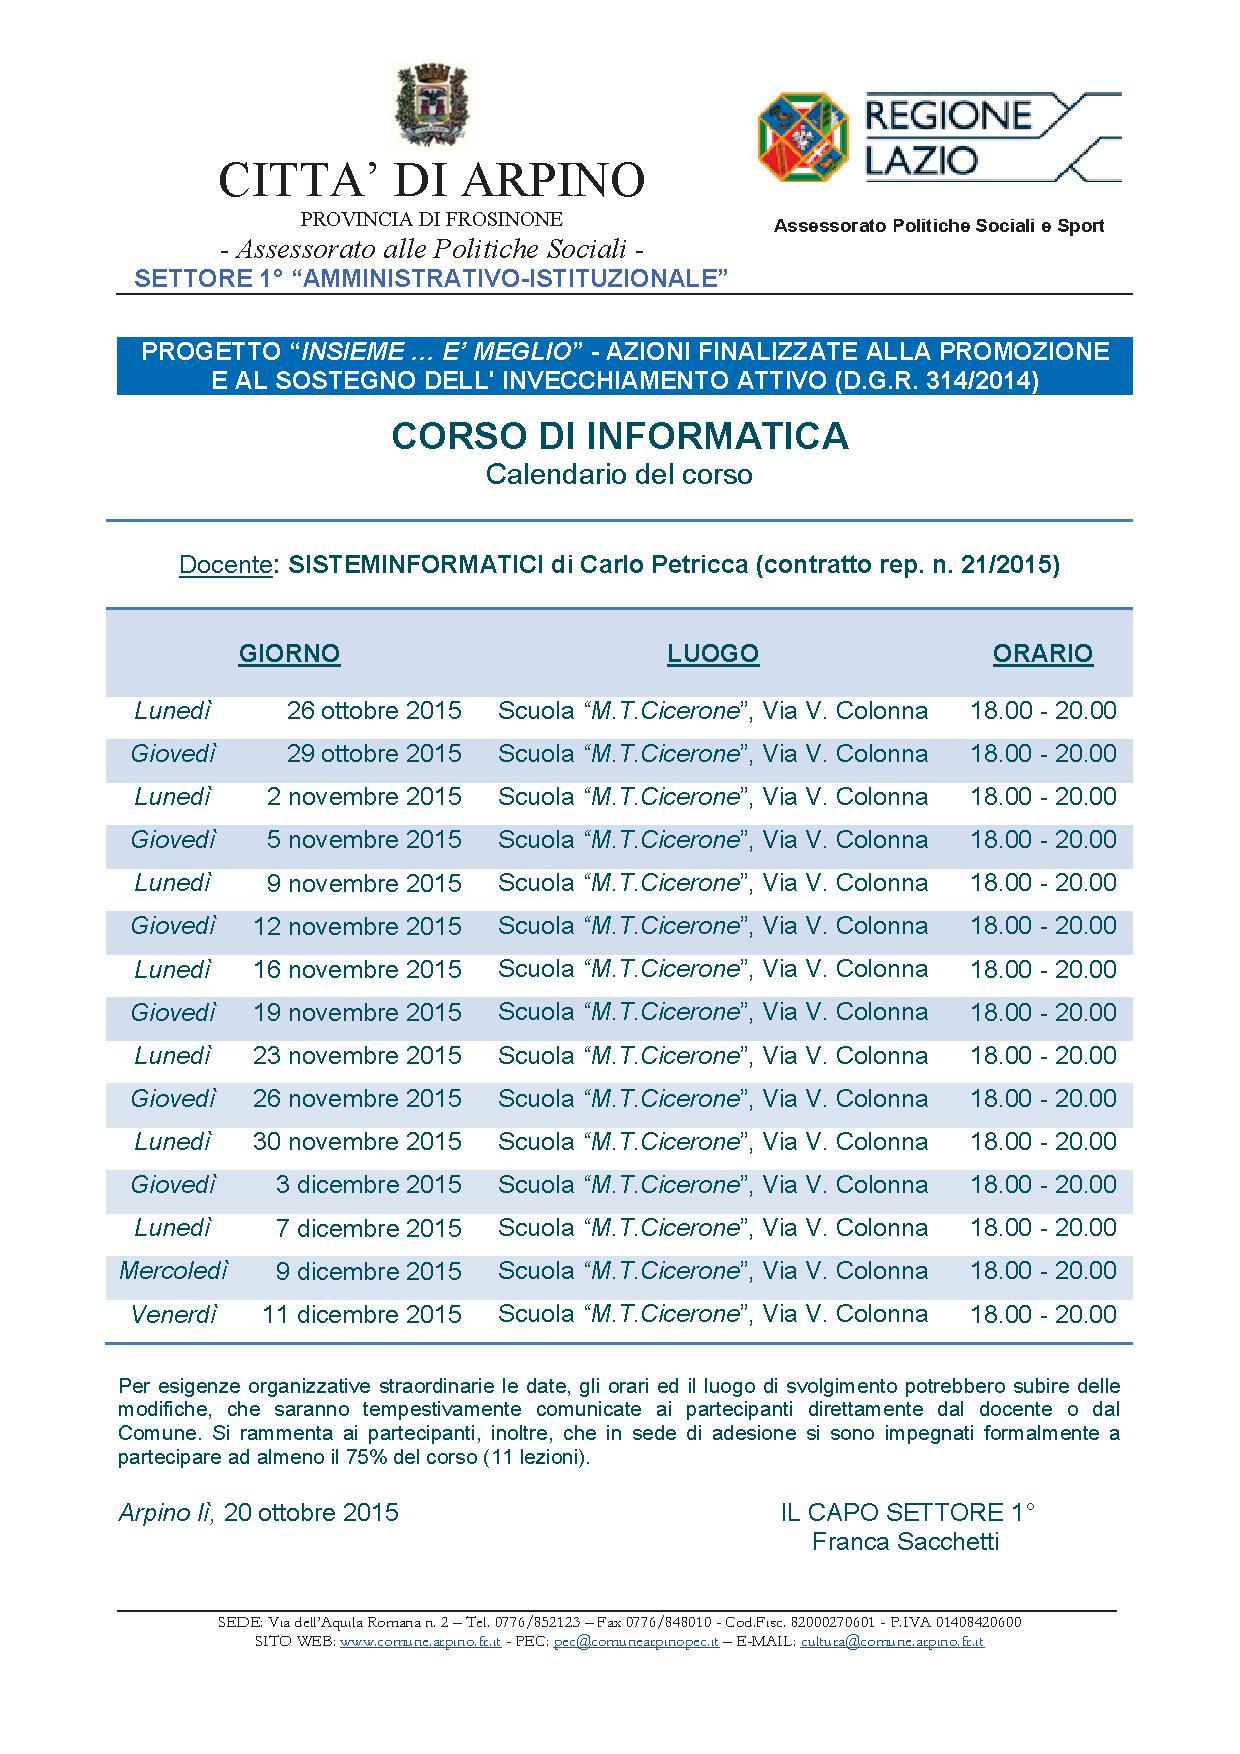 Calendario corso informatica